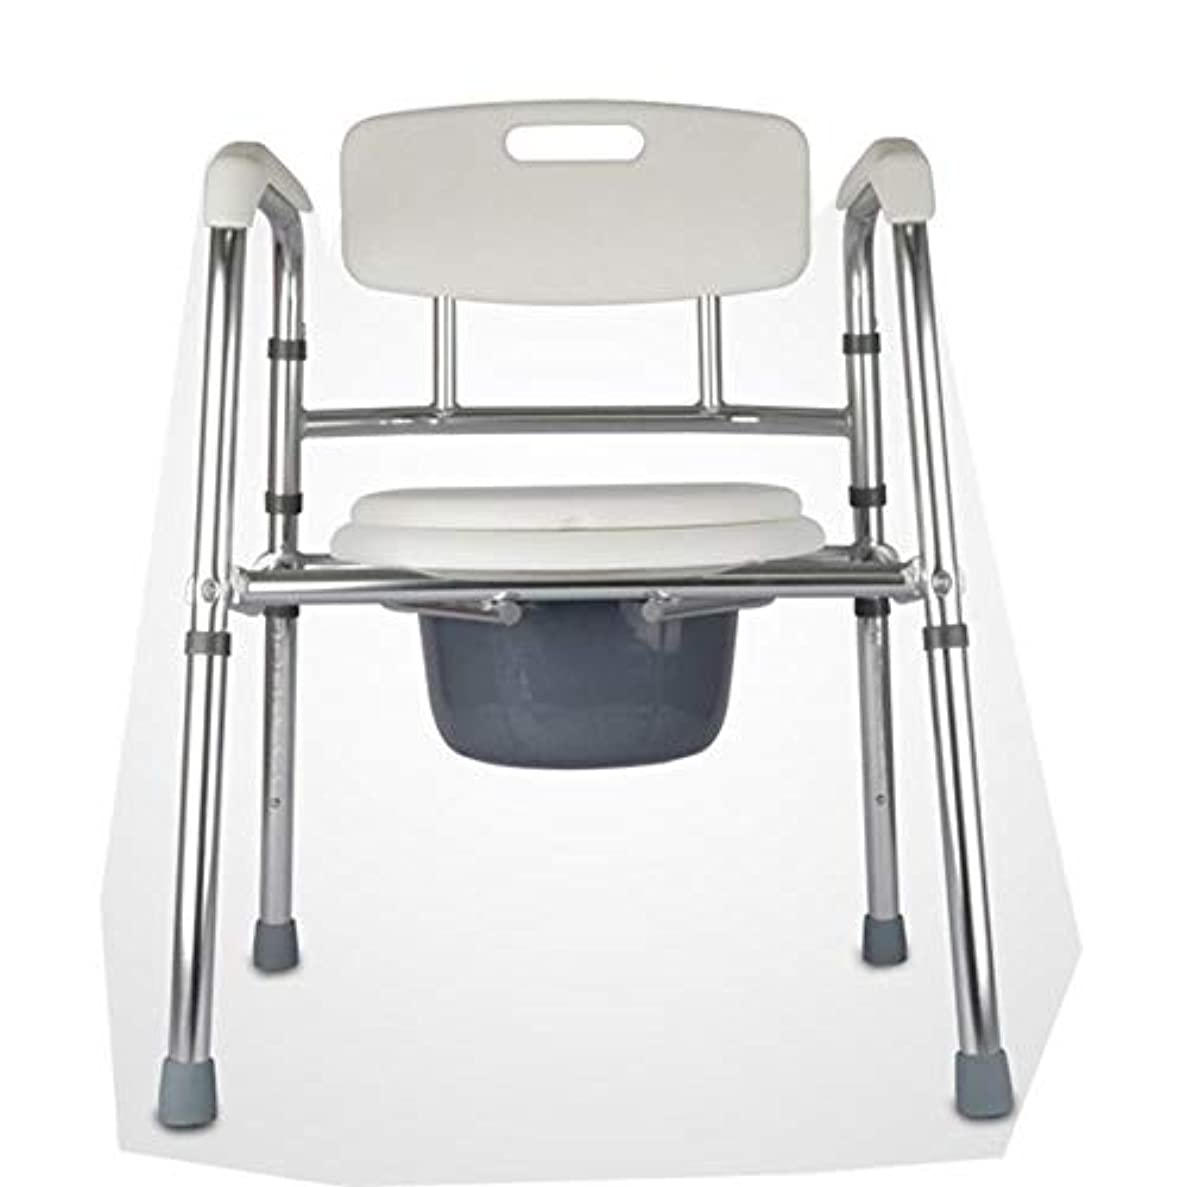 装置徐々に研究折りたたみ式mode椅子とトイレサラウンド、軽量、丈夫、シンプル、高齢者、障害者、祖父母向けのバスルームサポート